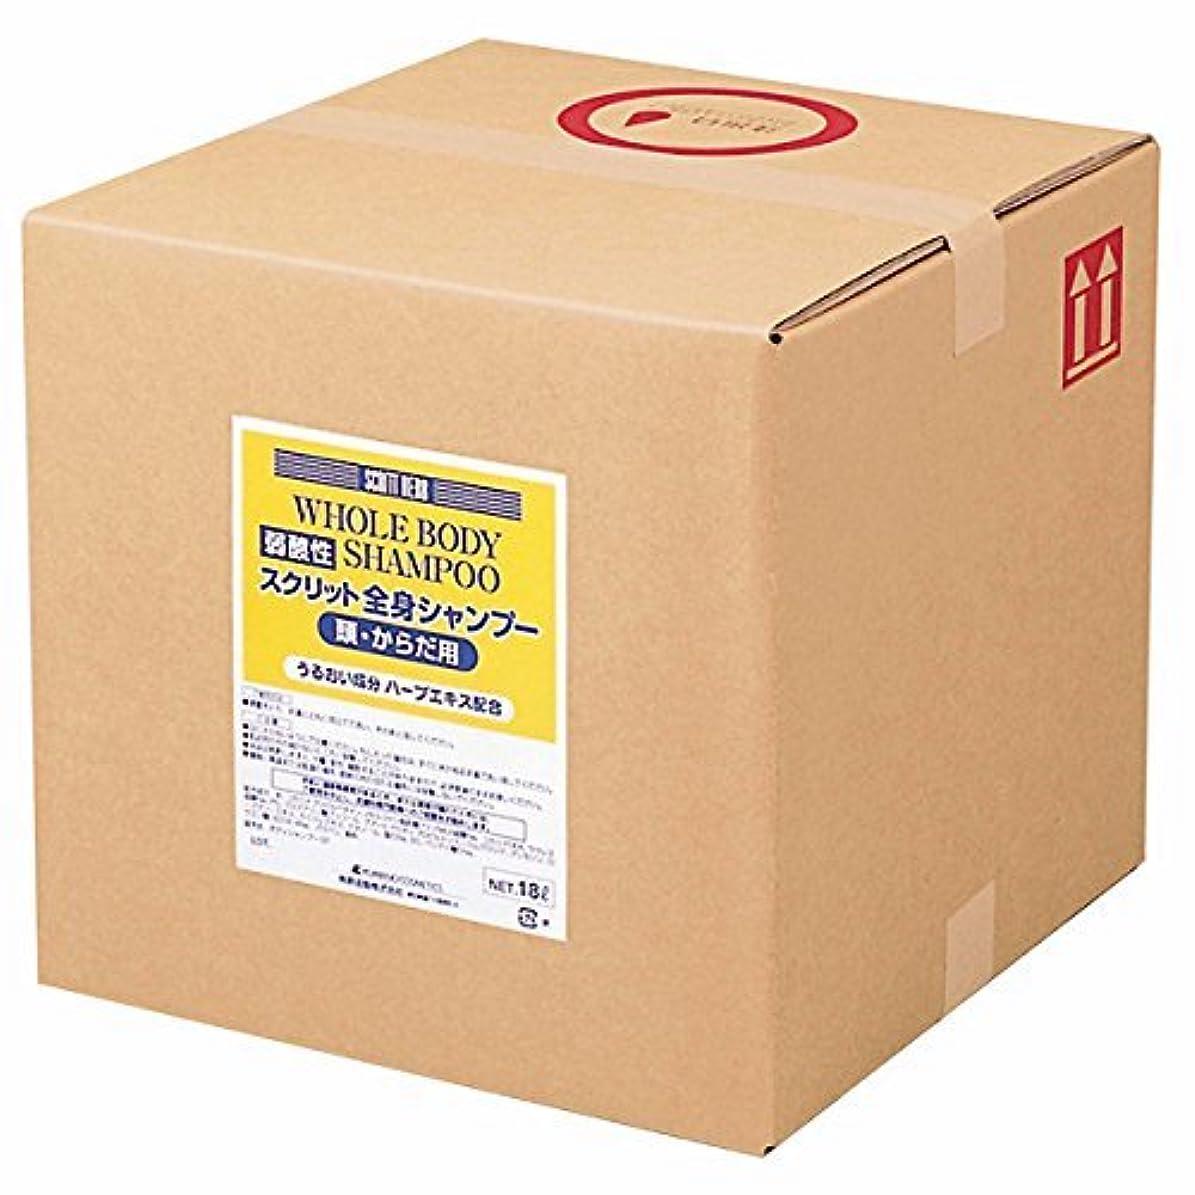 良心的風変わりな出来事熊野油脂 業務用 SCRITT(スクリット) 全身シャンプー 18L